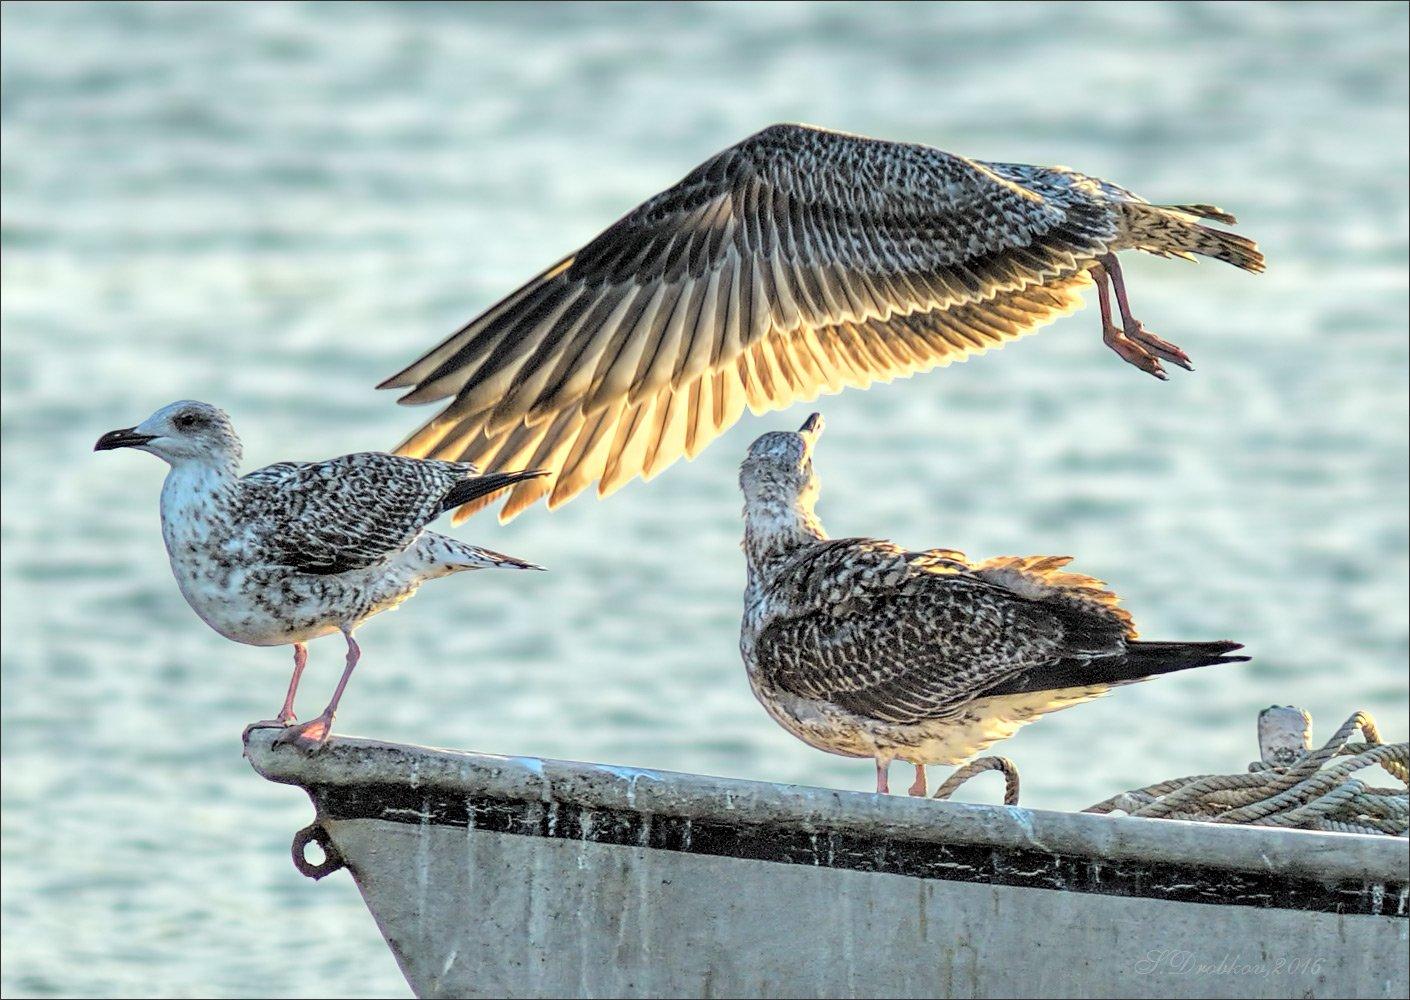 чайка, лодка, осень, птицы, закат, Sergey Drobkov